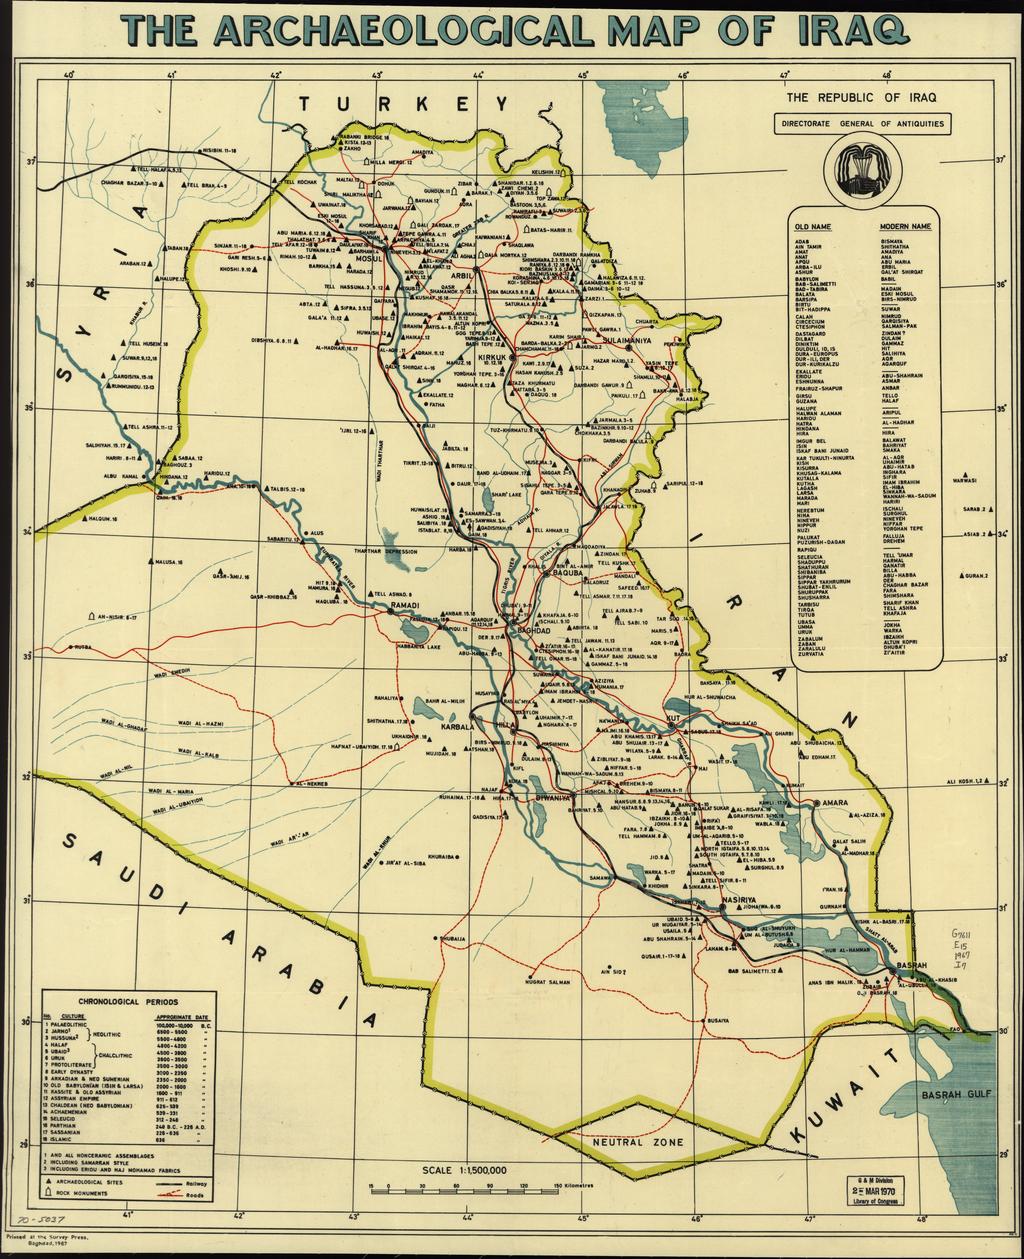 خريطة العراق القديمة دولة العراق القديمة في الخريطة الغدر والخيانة